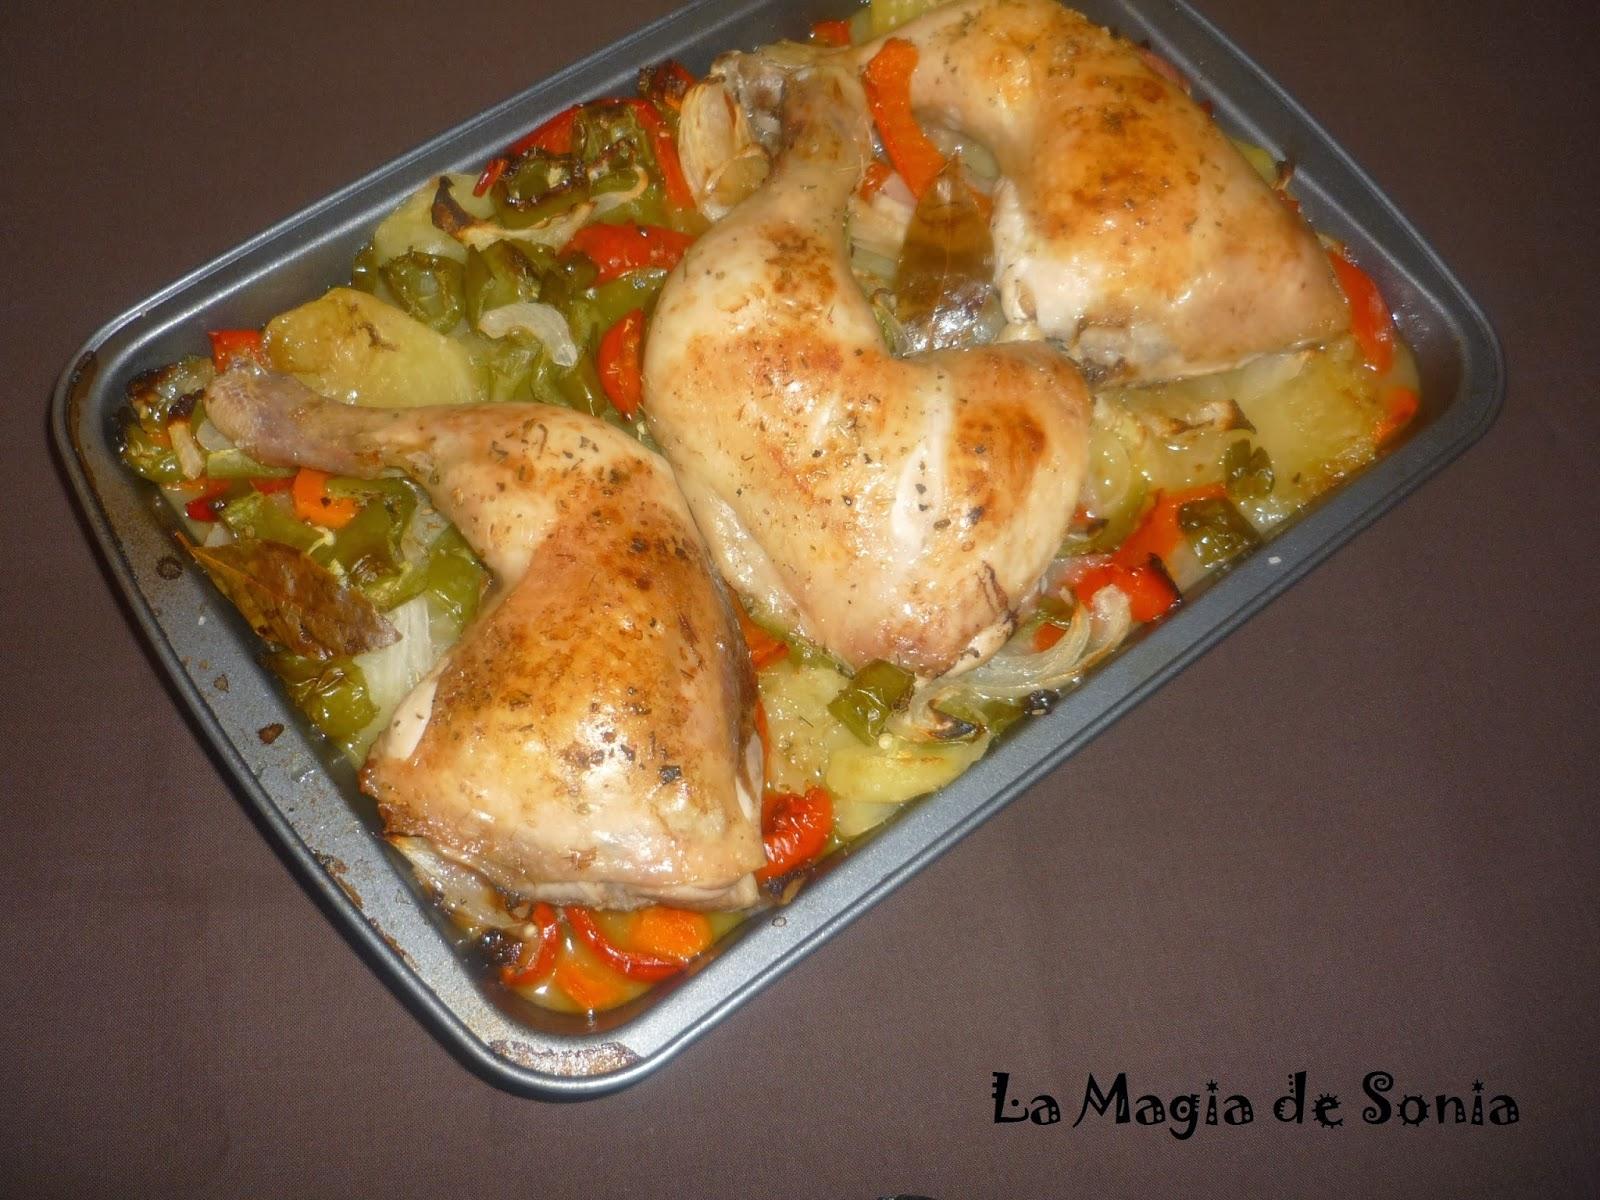 La Magia de Sonia: Muslos de pollo asado con patatas y verduras ...